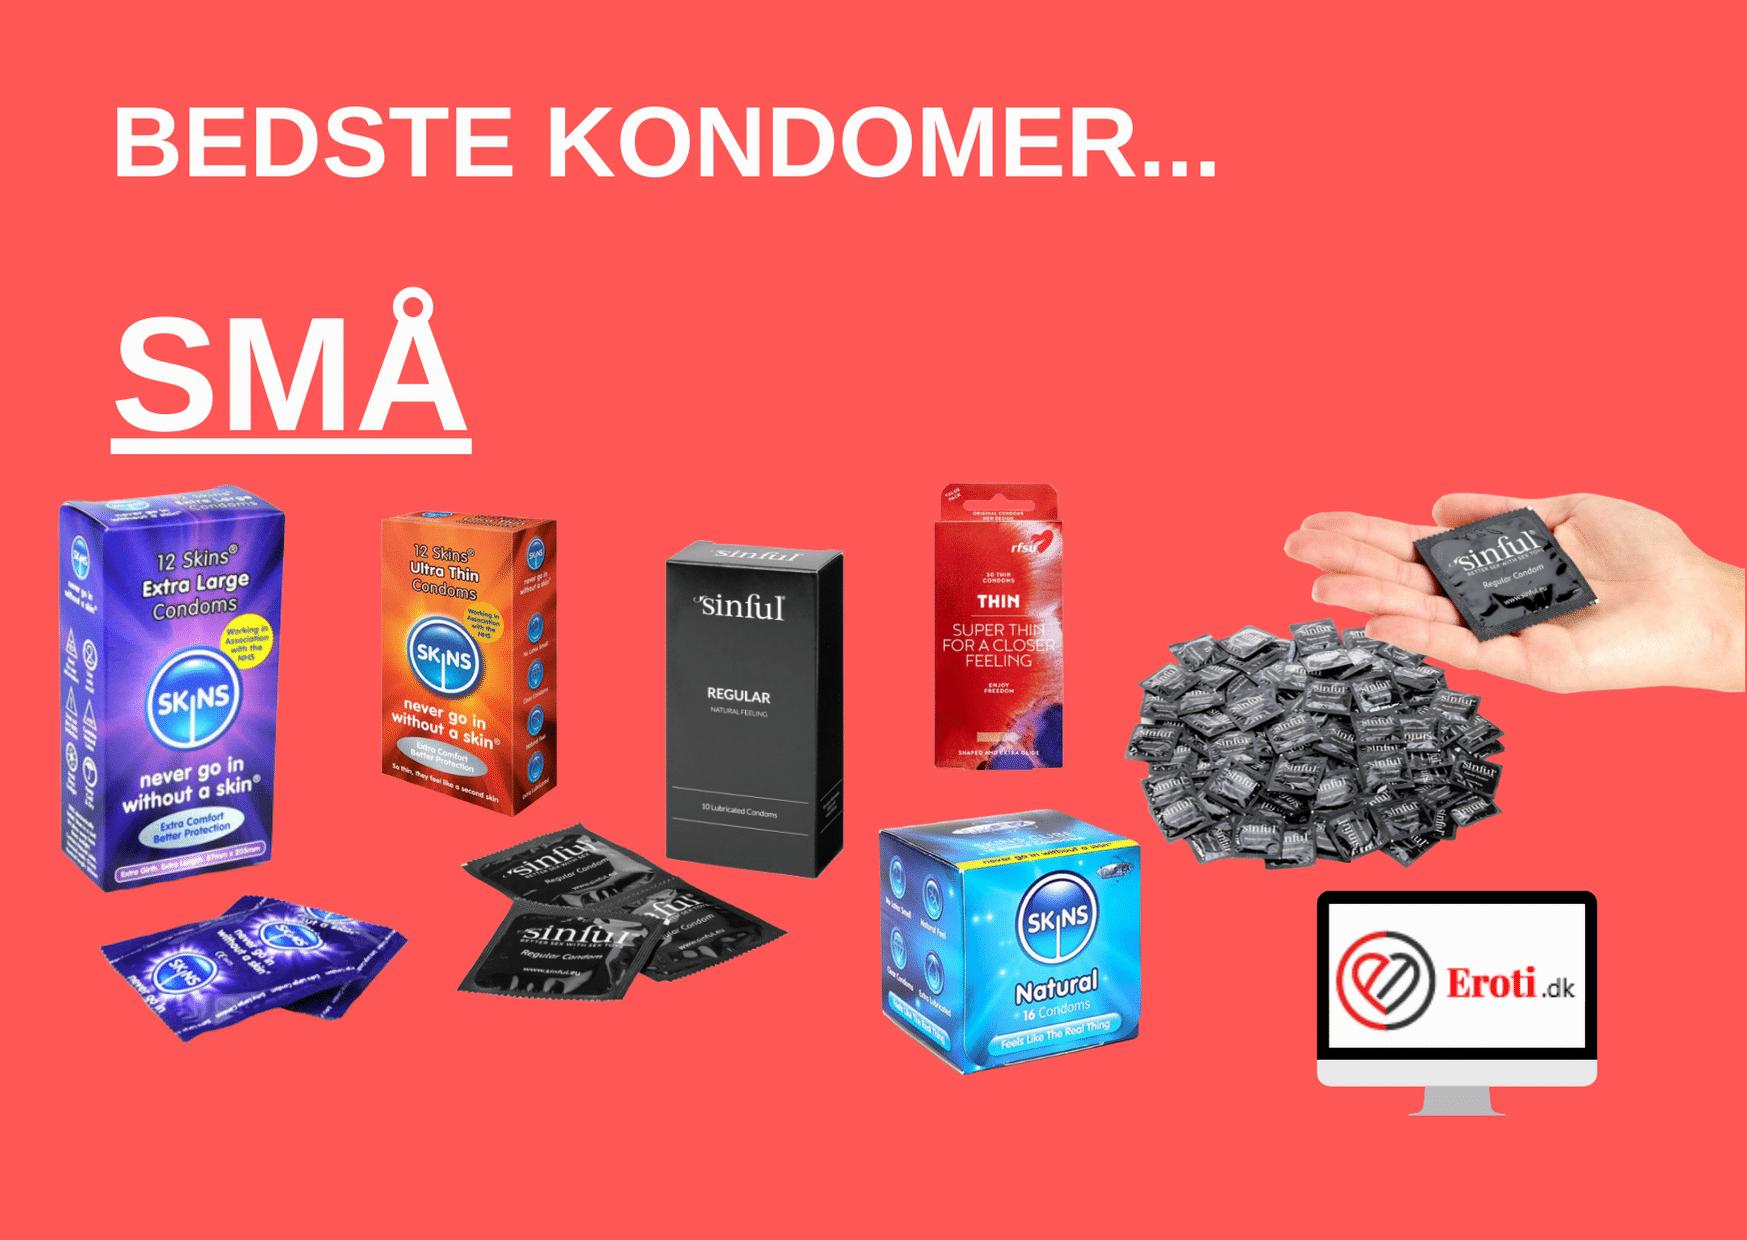 små kondomer